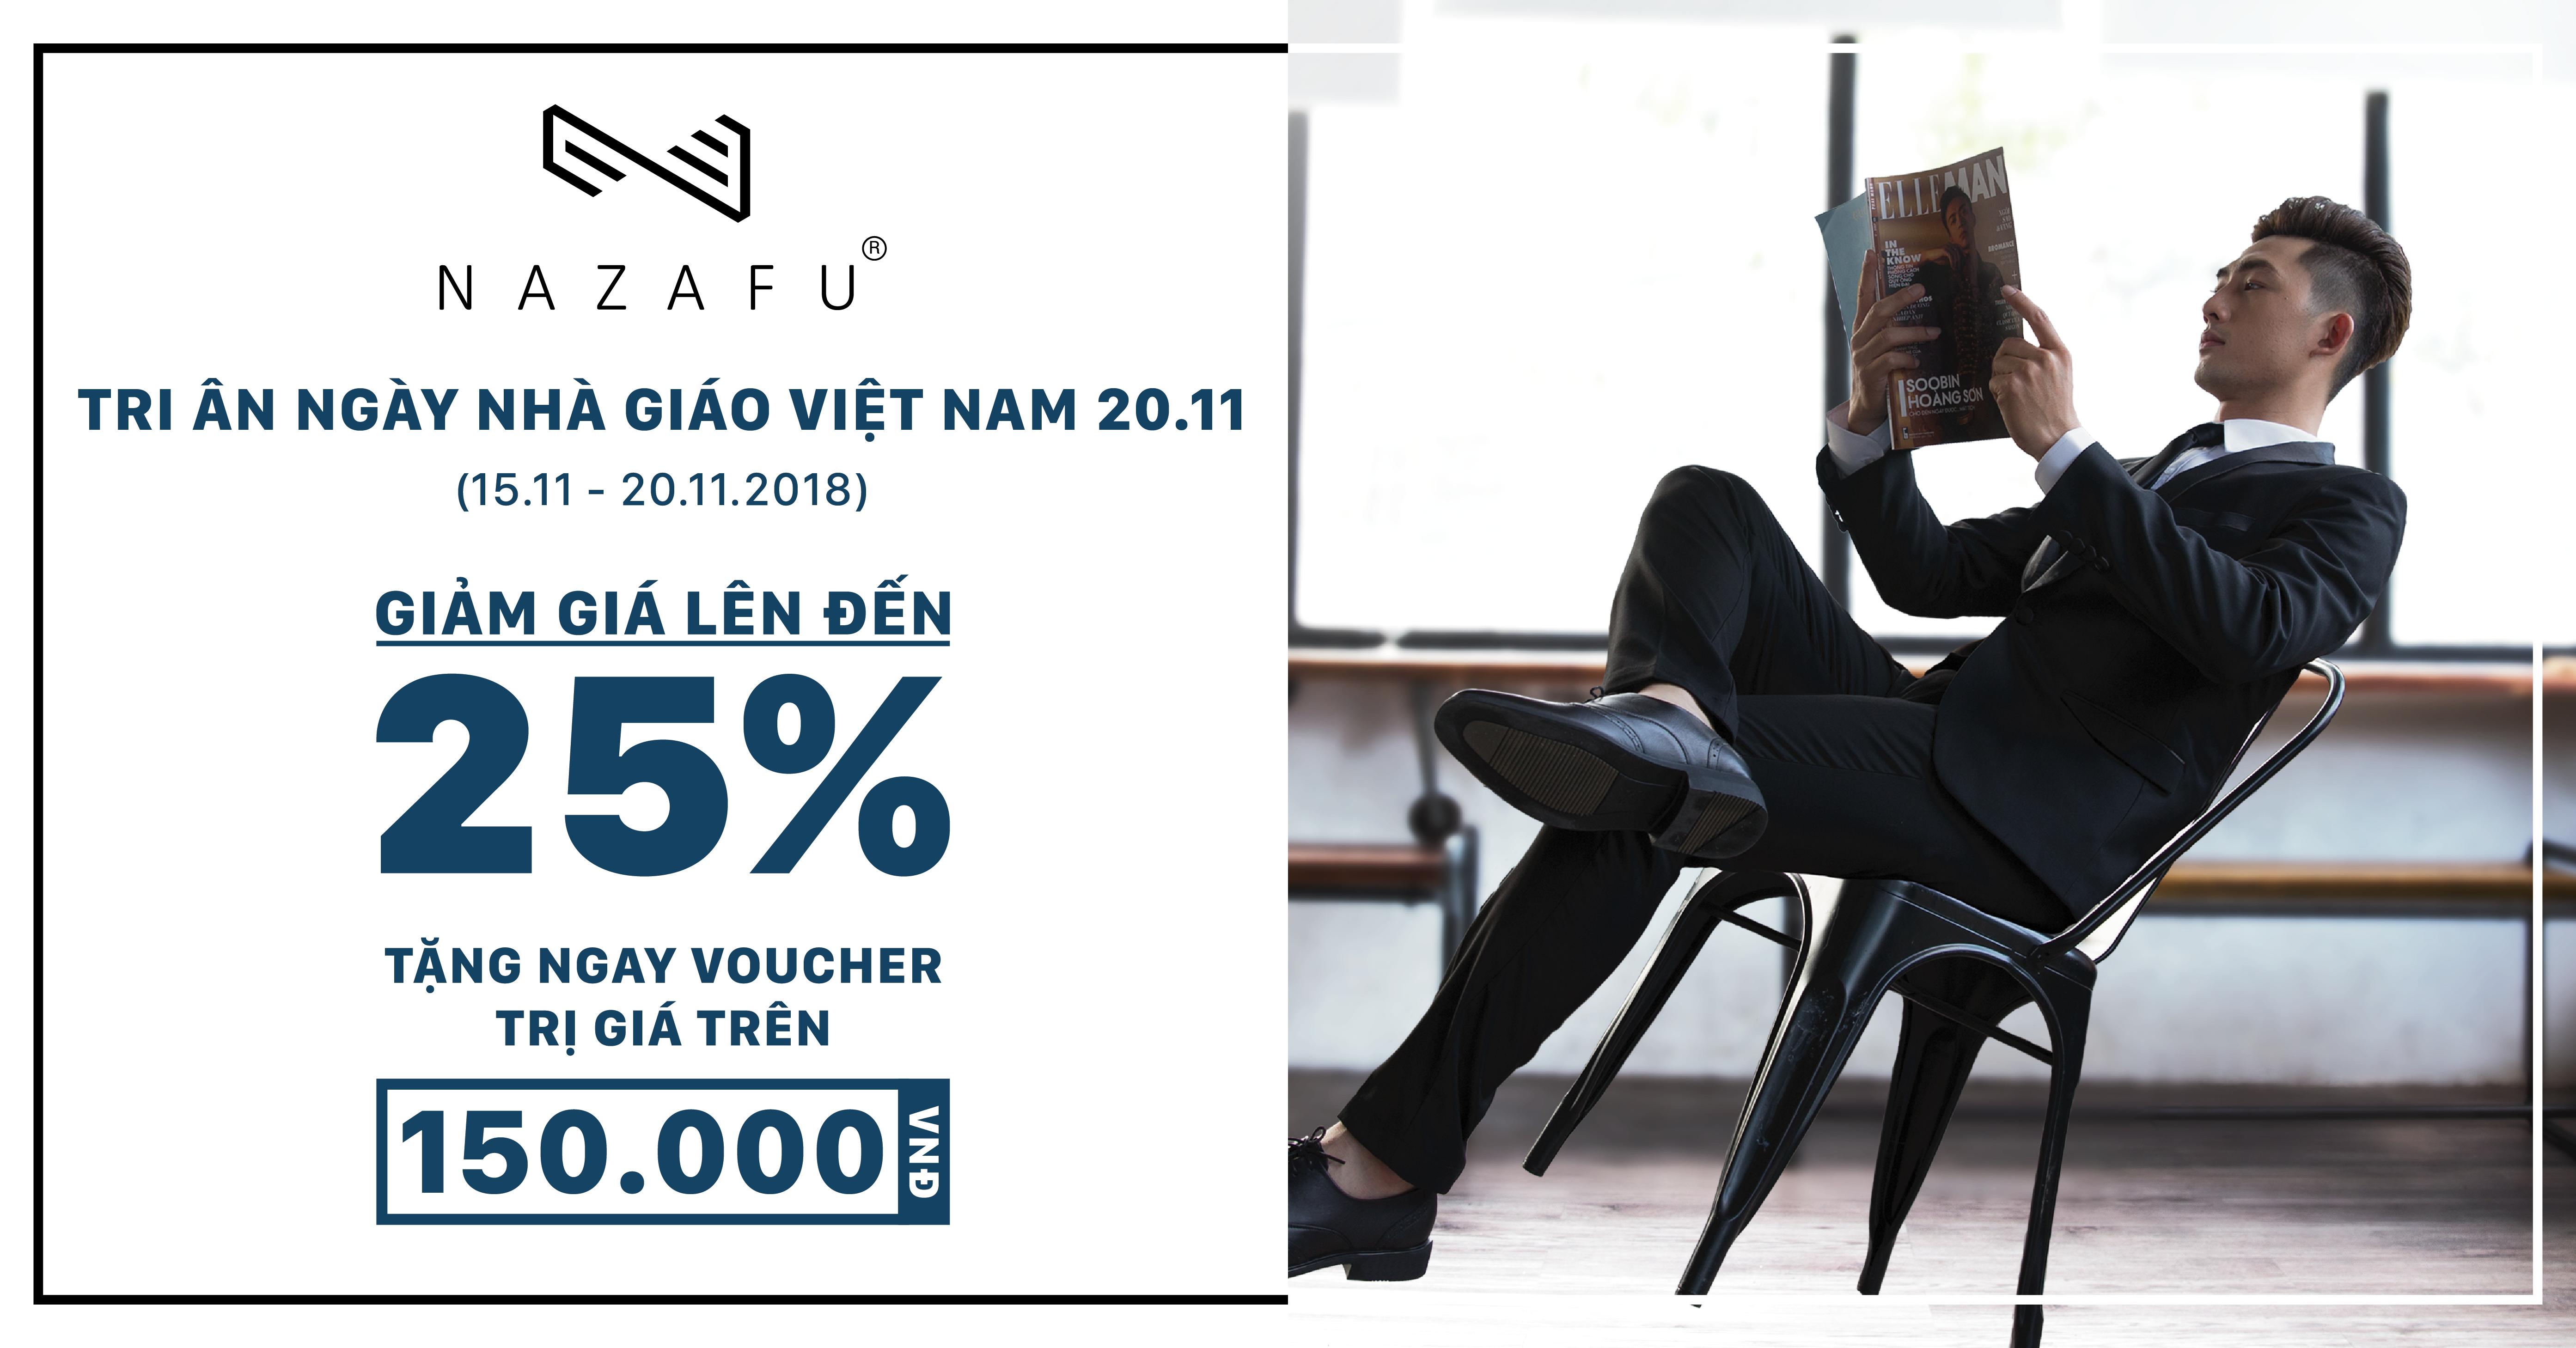 TRI ÂN THẦY 20/11 - NAZAFU giảm đến 25% toàn bộ cửa hàng